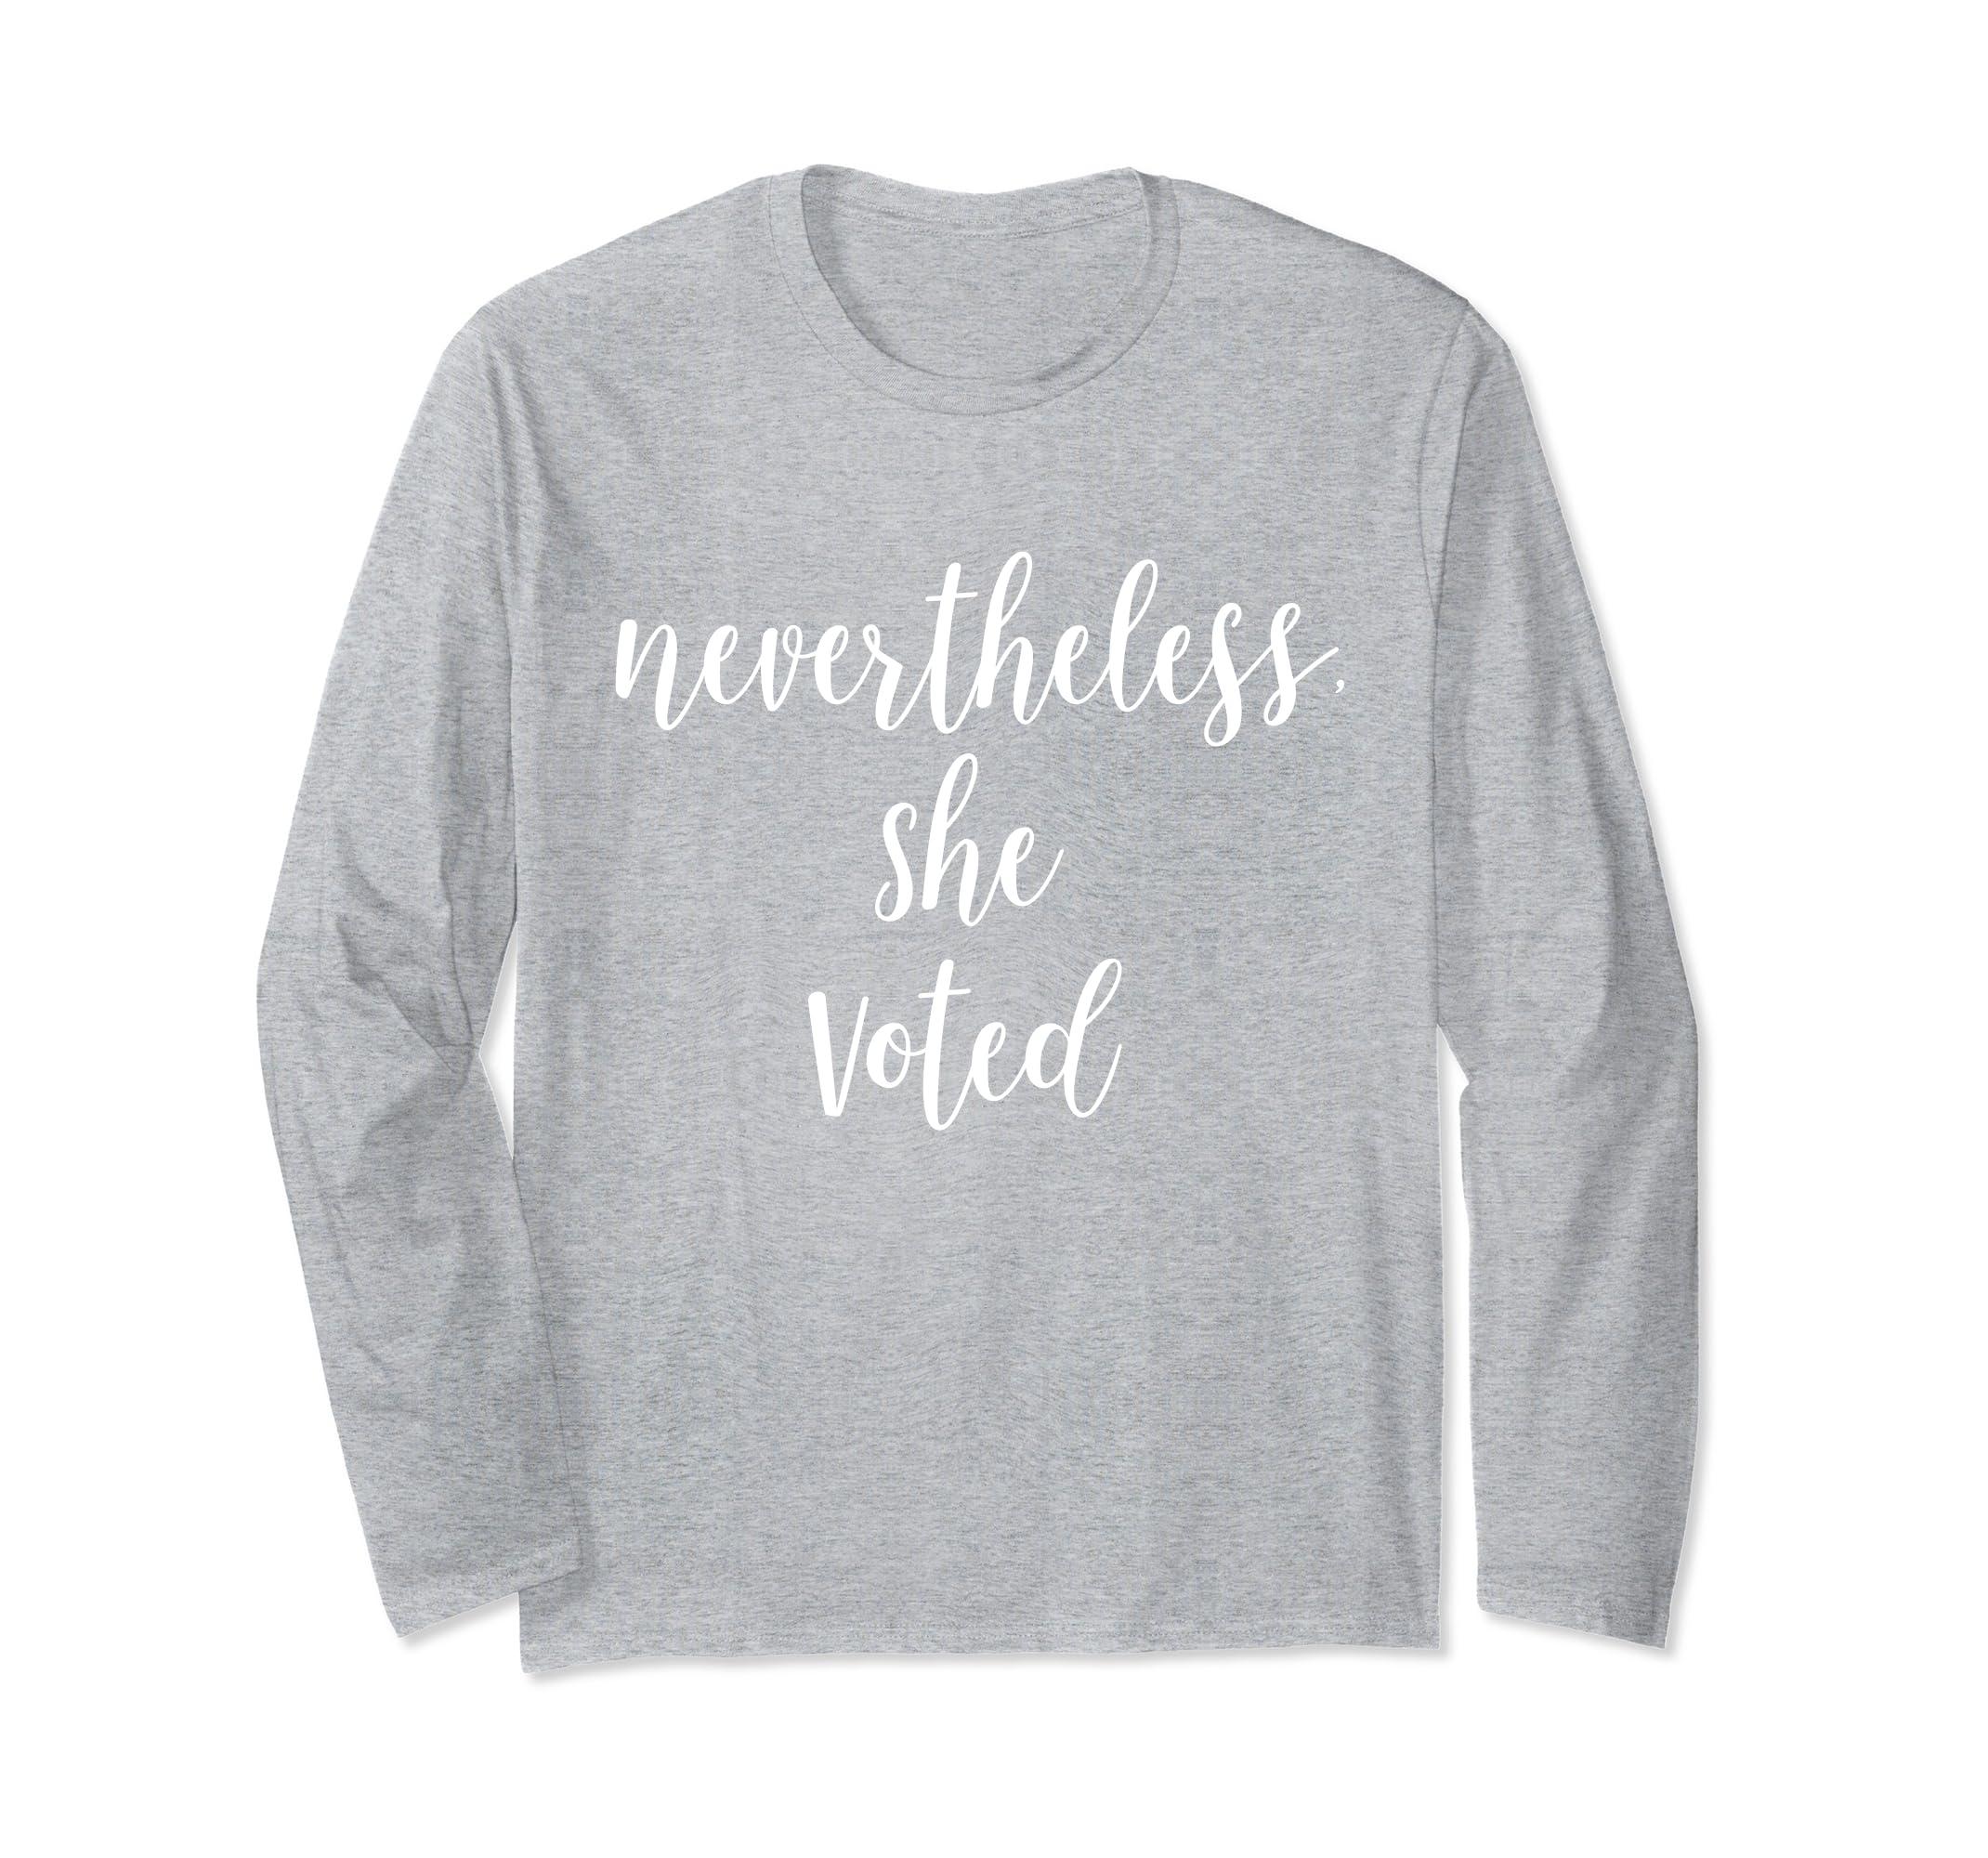 458067ff ... Nevertheless She Voted Long Sleeve Shirt Feminist Voter-Teechatpro